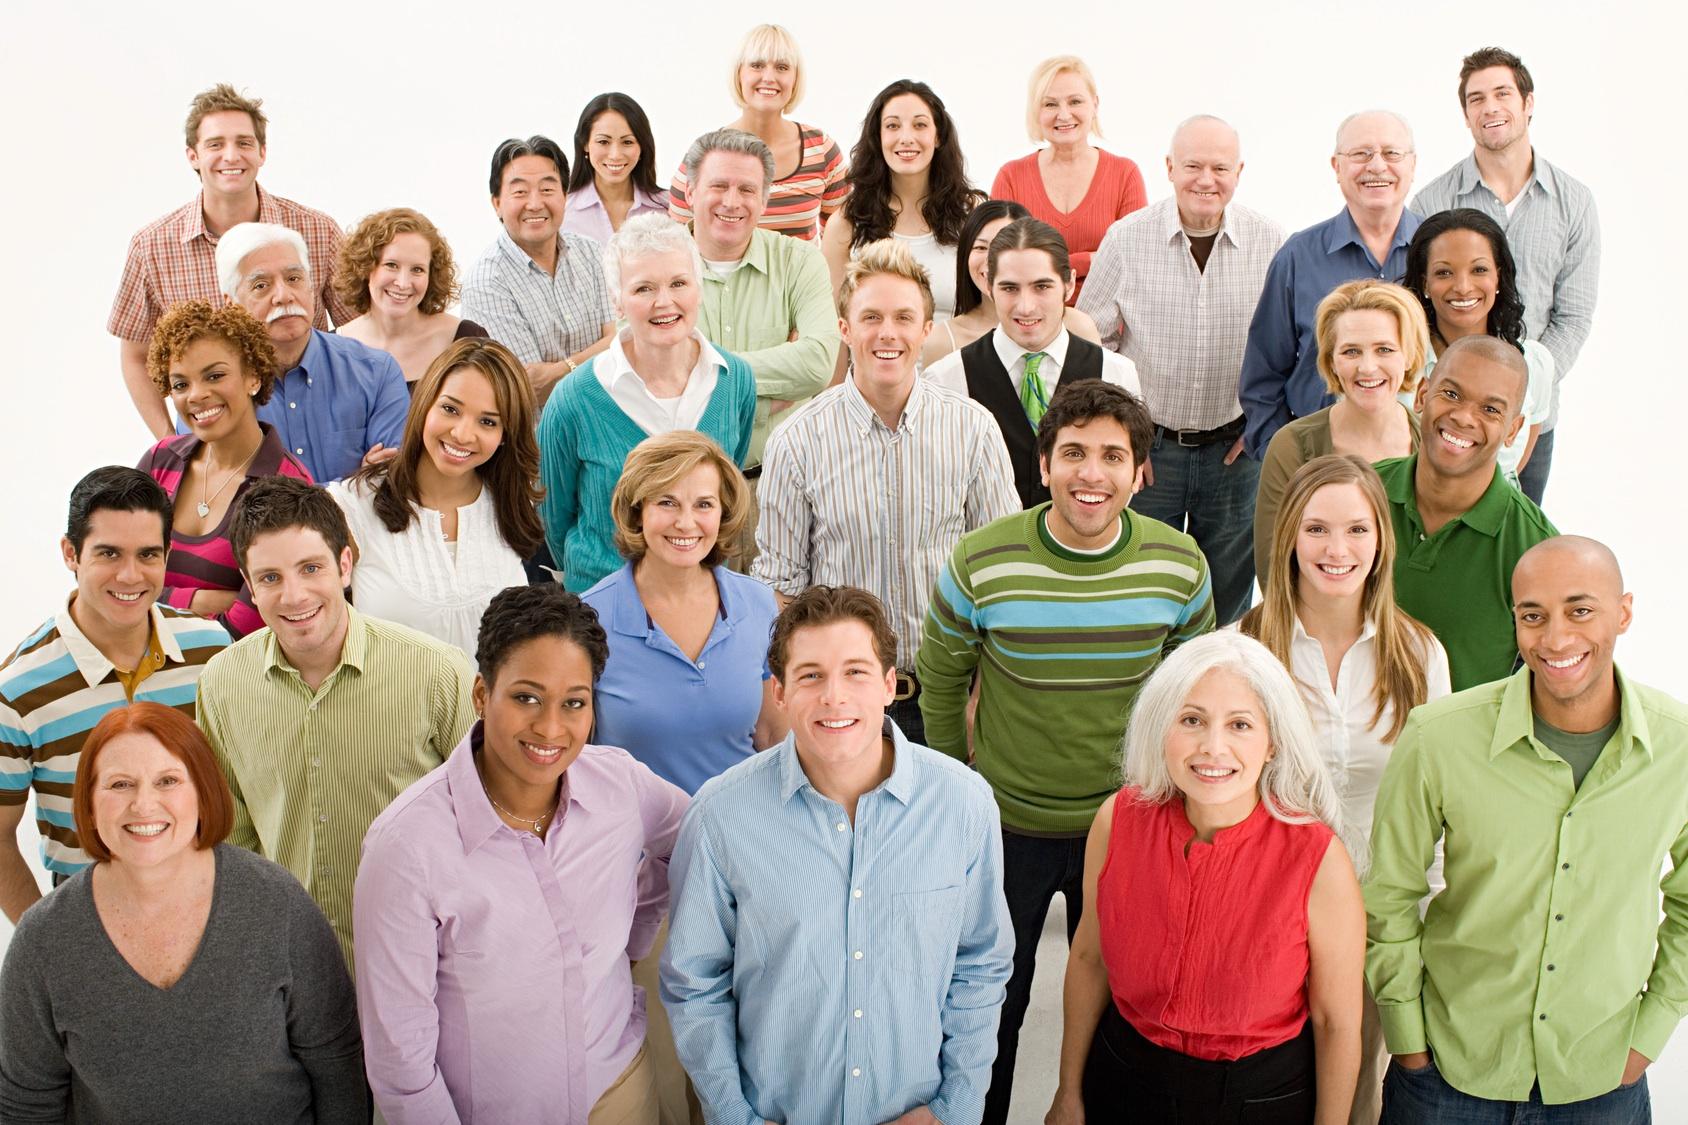 картинка много людей разного возраста одной